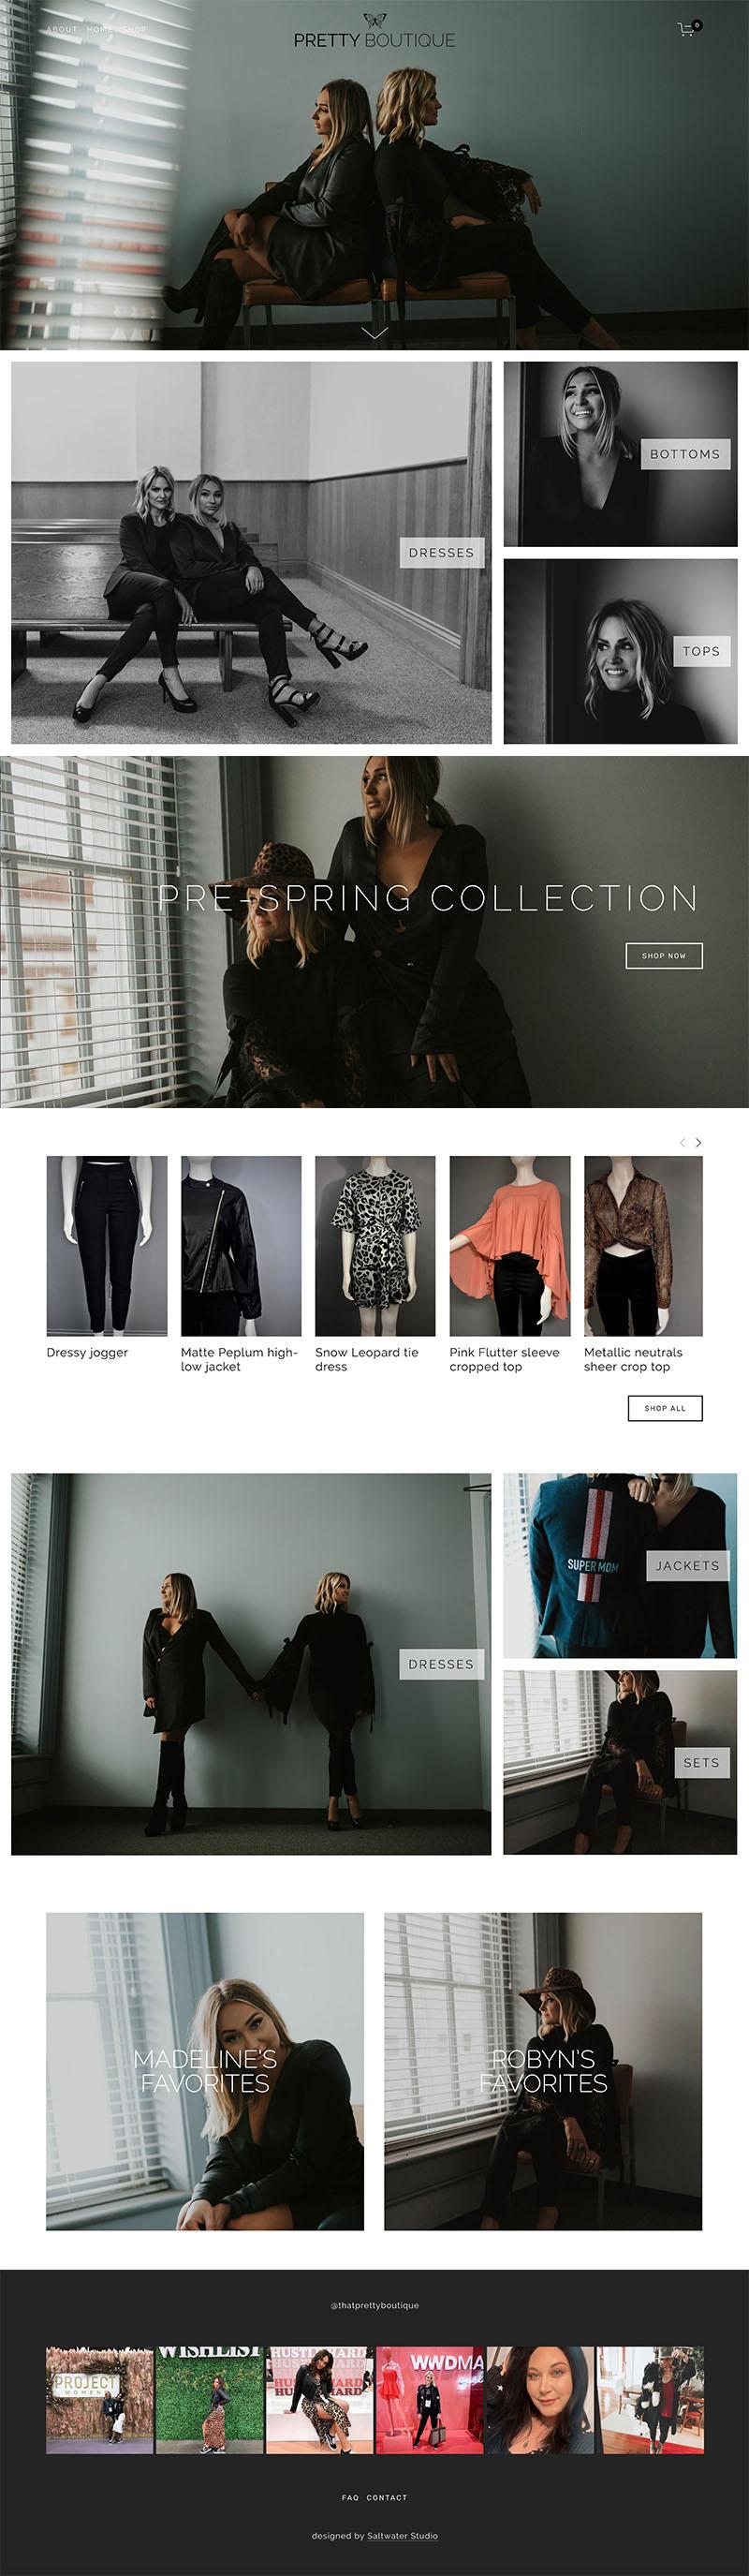 Pretty+Boutique.jpg